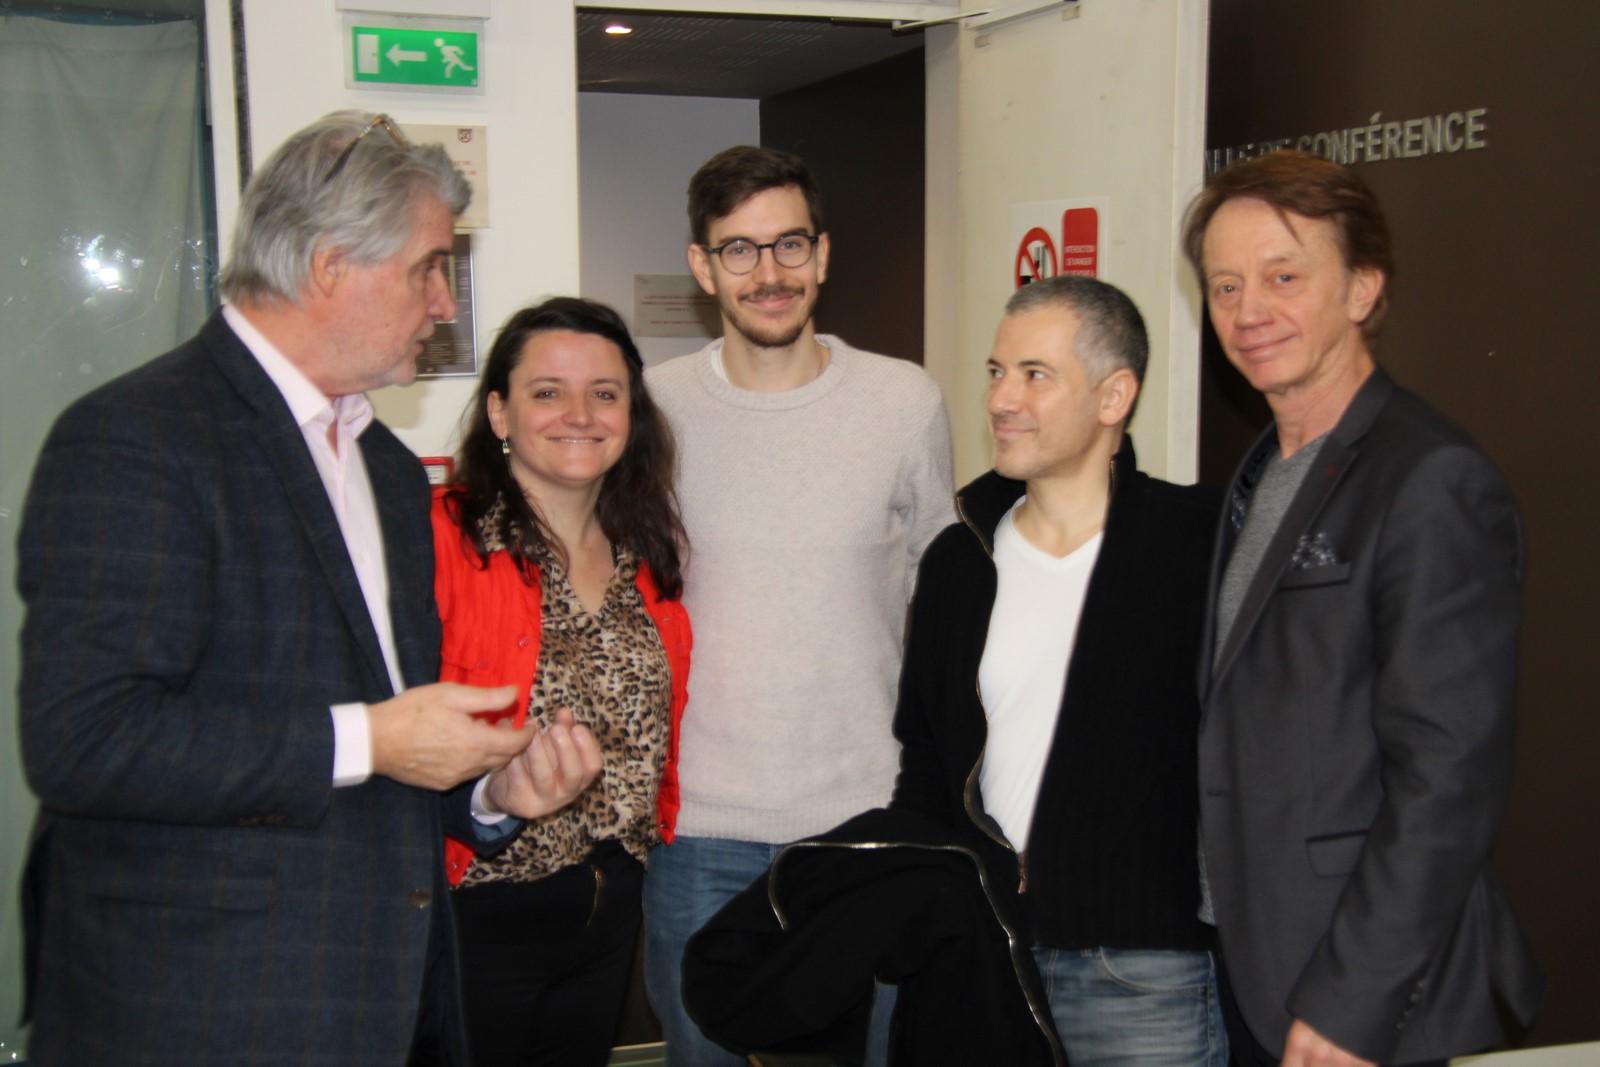 Bruno Esposito et Bruno Putzulu échangent avec Patrick Gobert et Colette Tostivint d'Eklore - Photo Jean-Paul Berger -